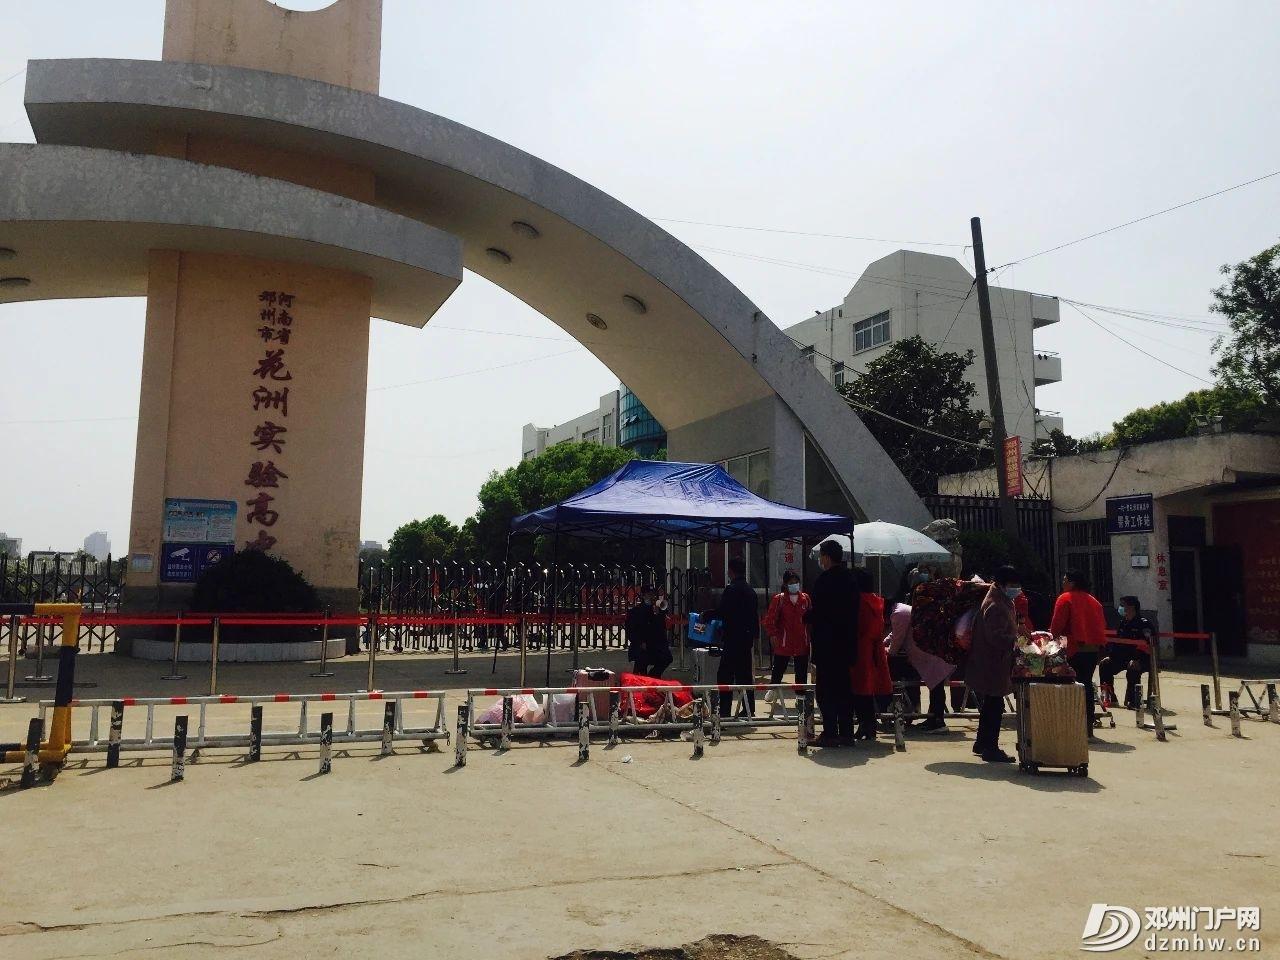 即将公布南阳(含邓州)中小学开学返校时间!直击邓州高三8720名学生重返校园!